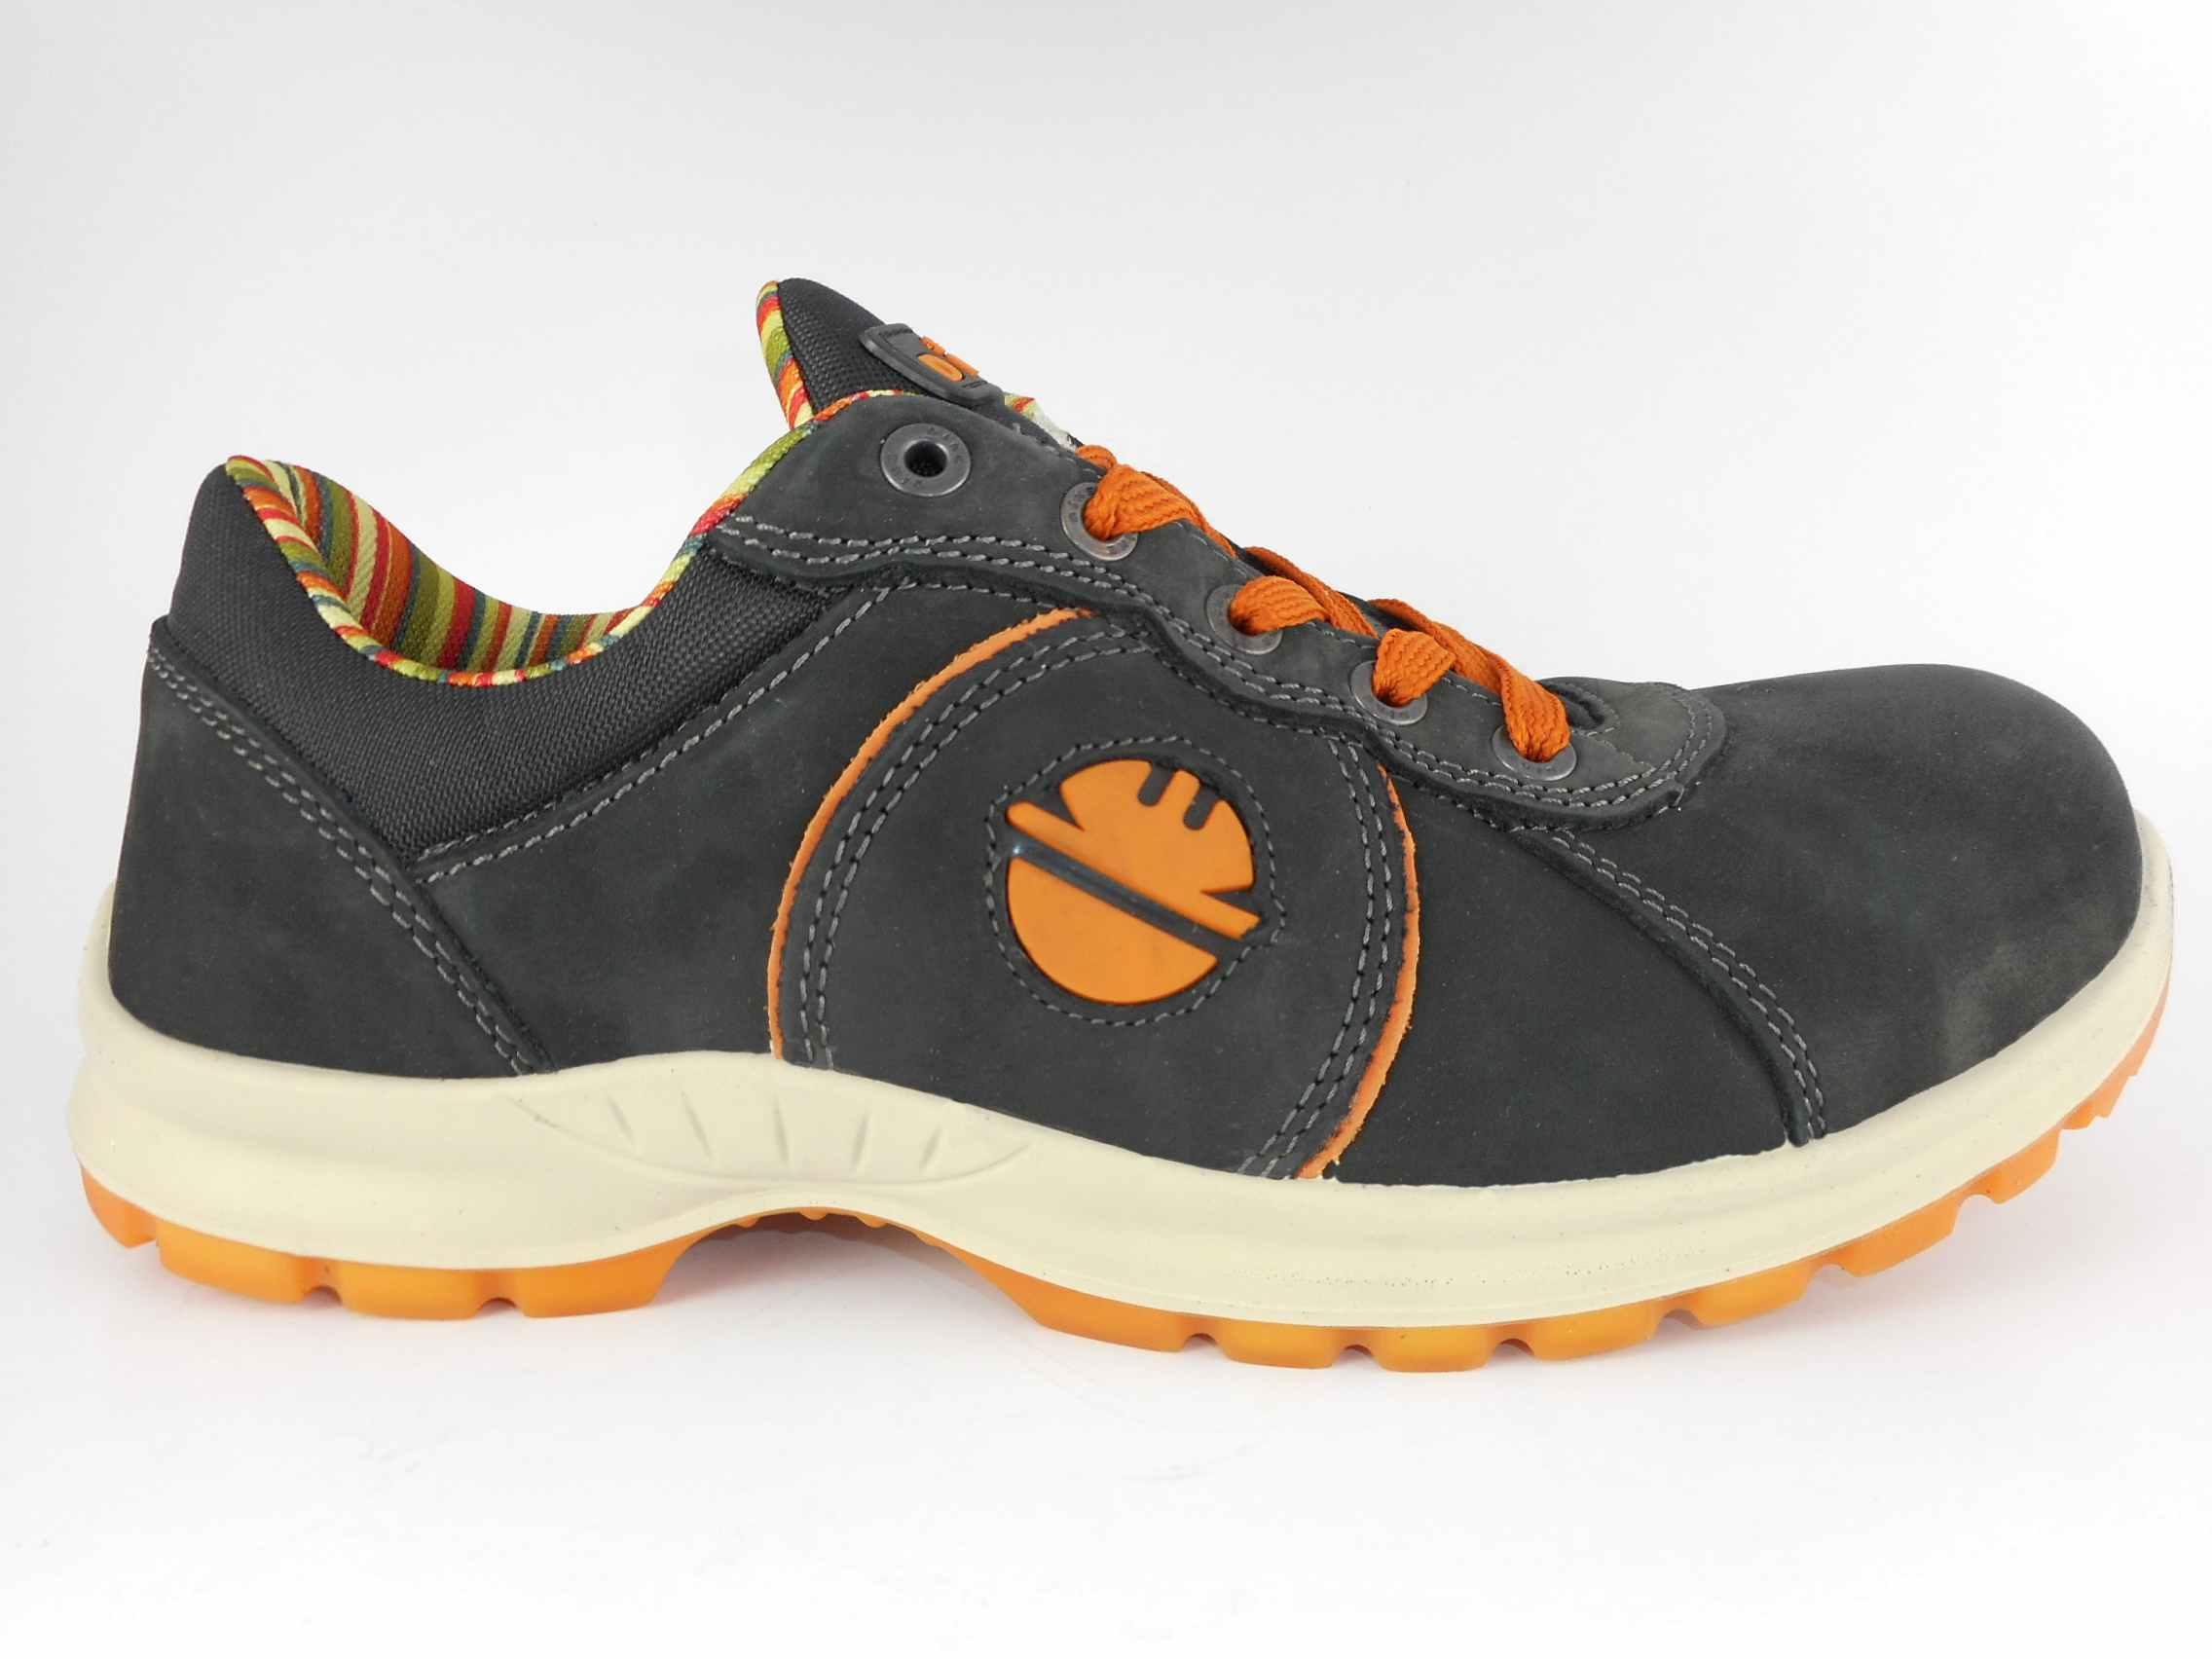 Chaussure de sécurité ADVANCE BASSE S3 SRC NOIR DIKE - Du 38 au 47